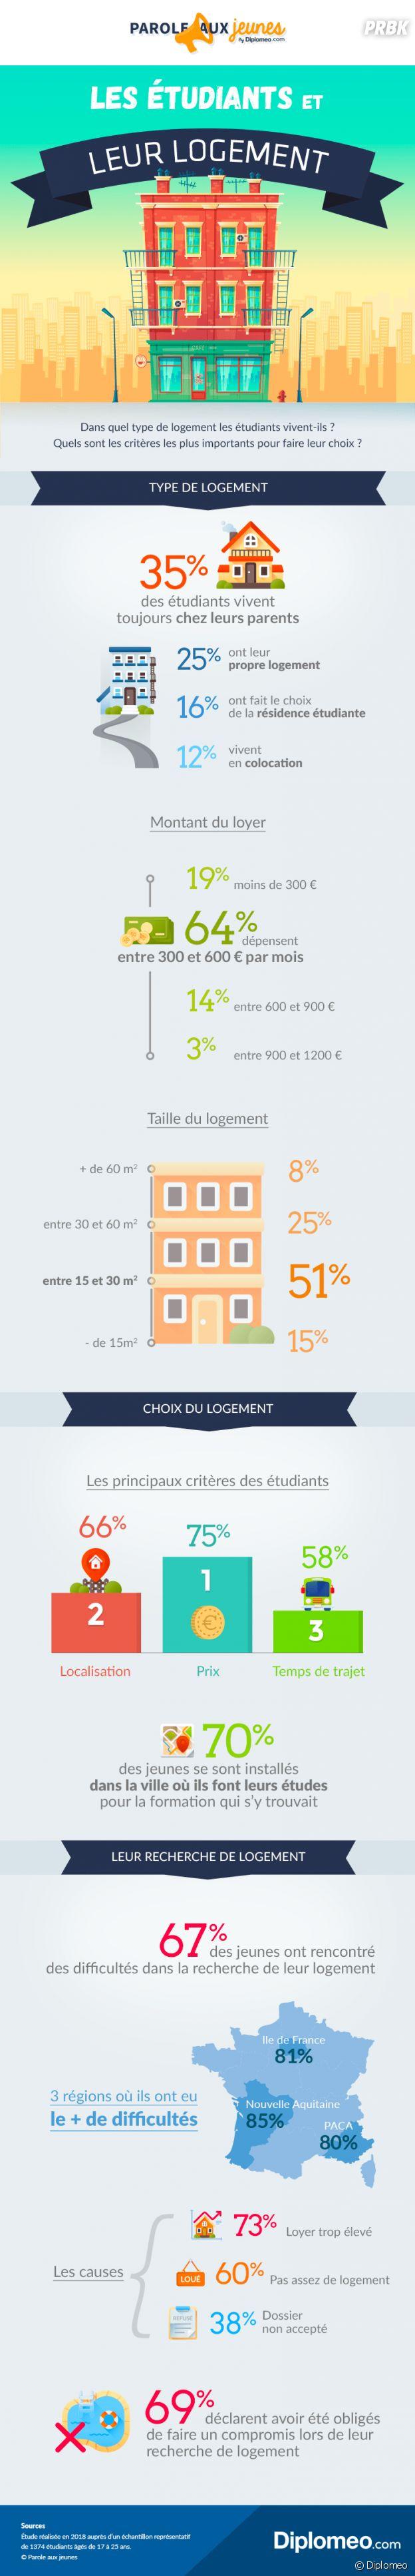 Logement étudiant : l'infographie qui confirme les galères